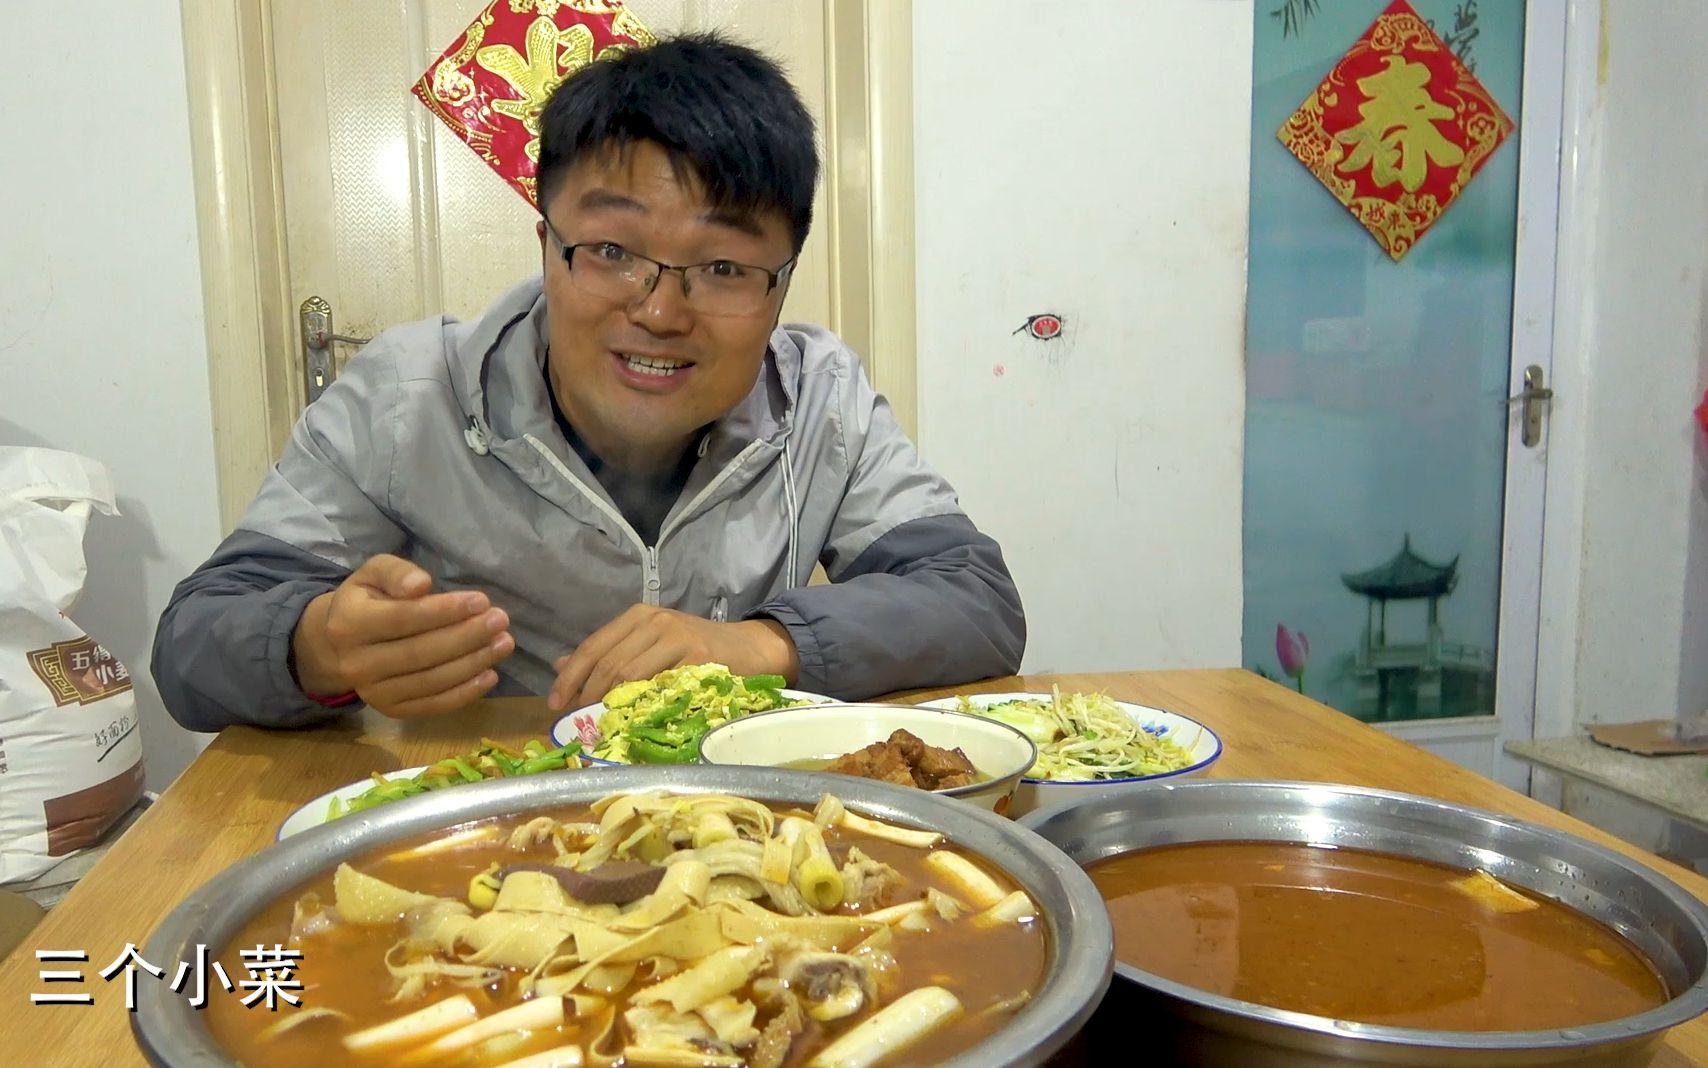 一盆椒麻鸡,四个家常菜,大sao晚饭吃鸡,再忙也要吃一顿好的